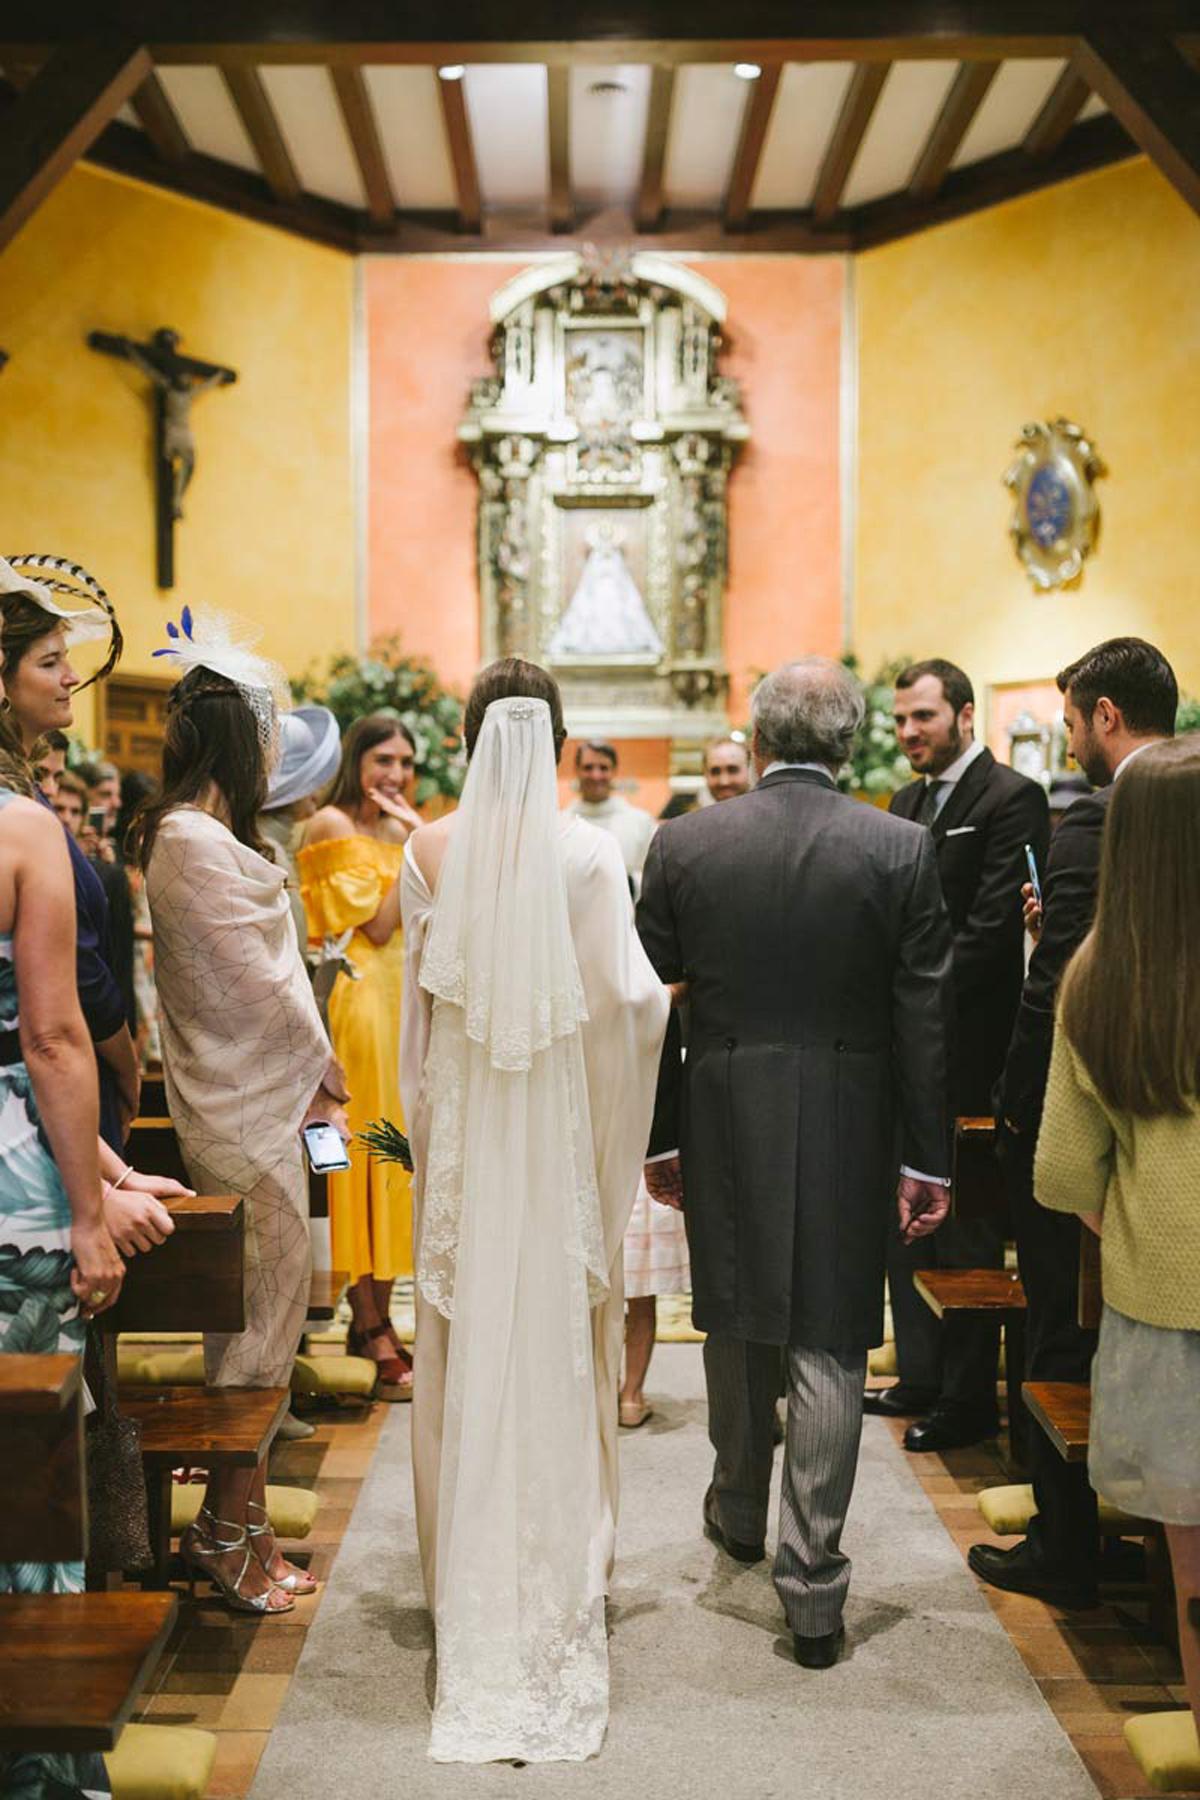 05-consejos-para-el-dia-de-la-boda